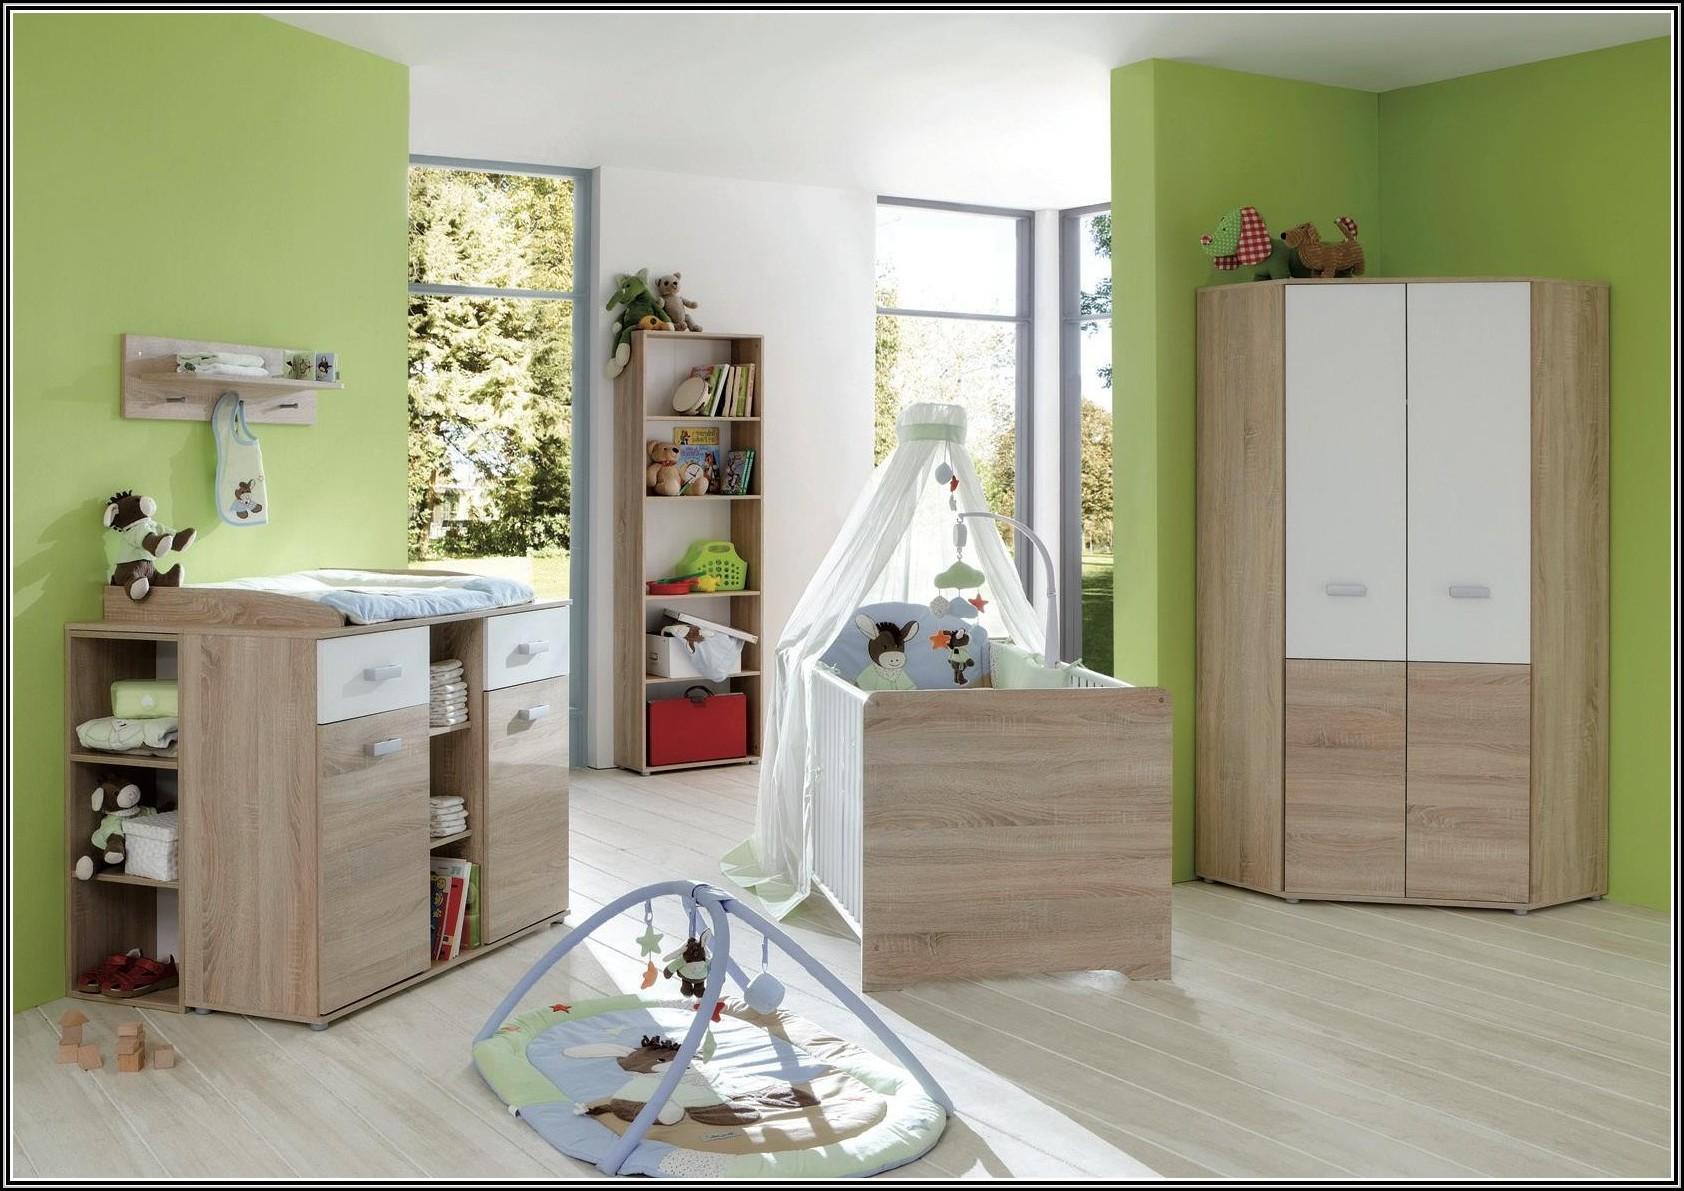 Arthur Berndt Kinderzimmer Piet - Kinderzimme : House und ...